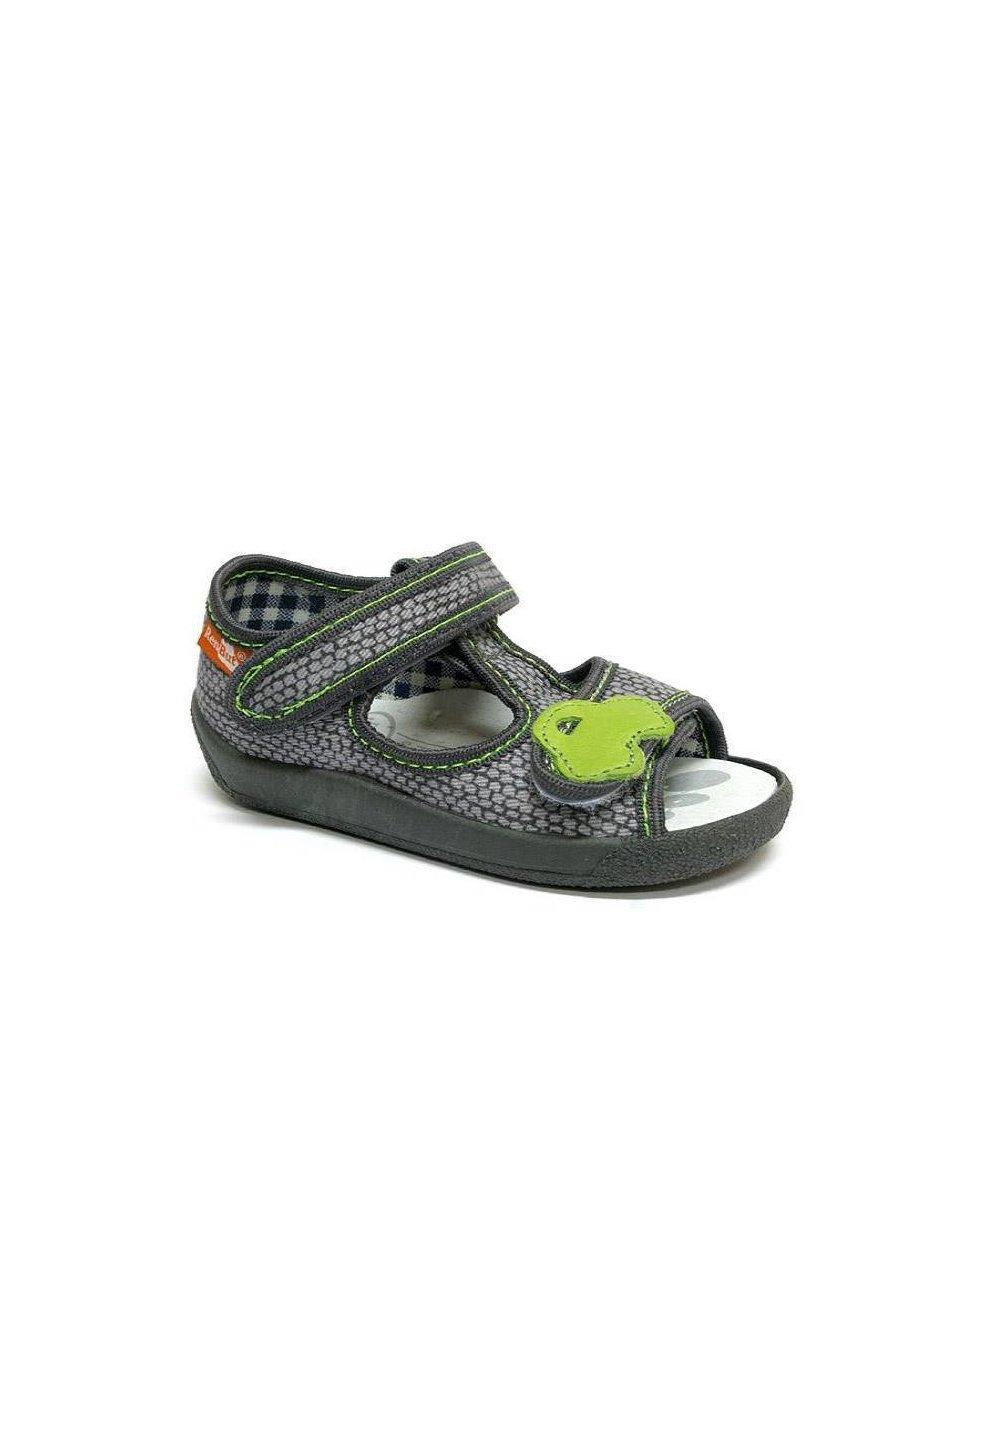 Sandale Baieti, Gri Cu Masinuta Verde